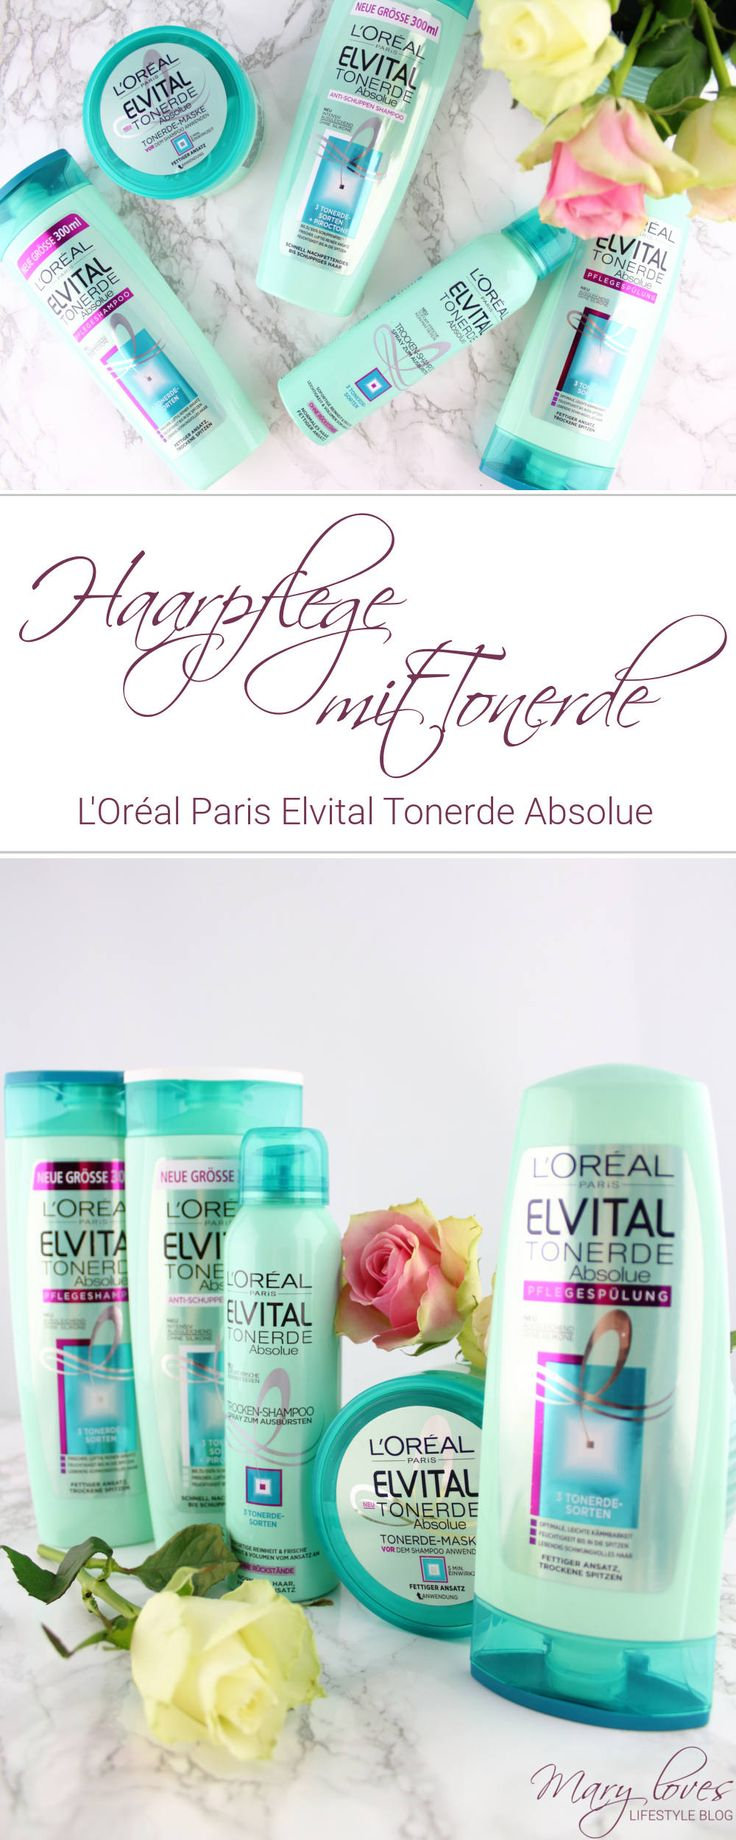 Haarpflege Mit Tonerde   Lu0027Oréal Paris Elvital Tonerde Absolue